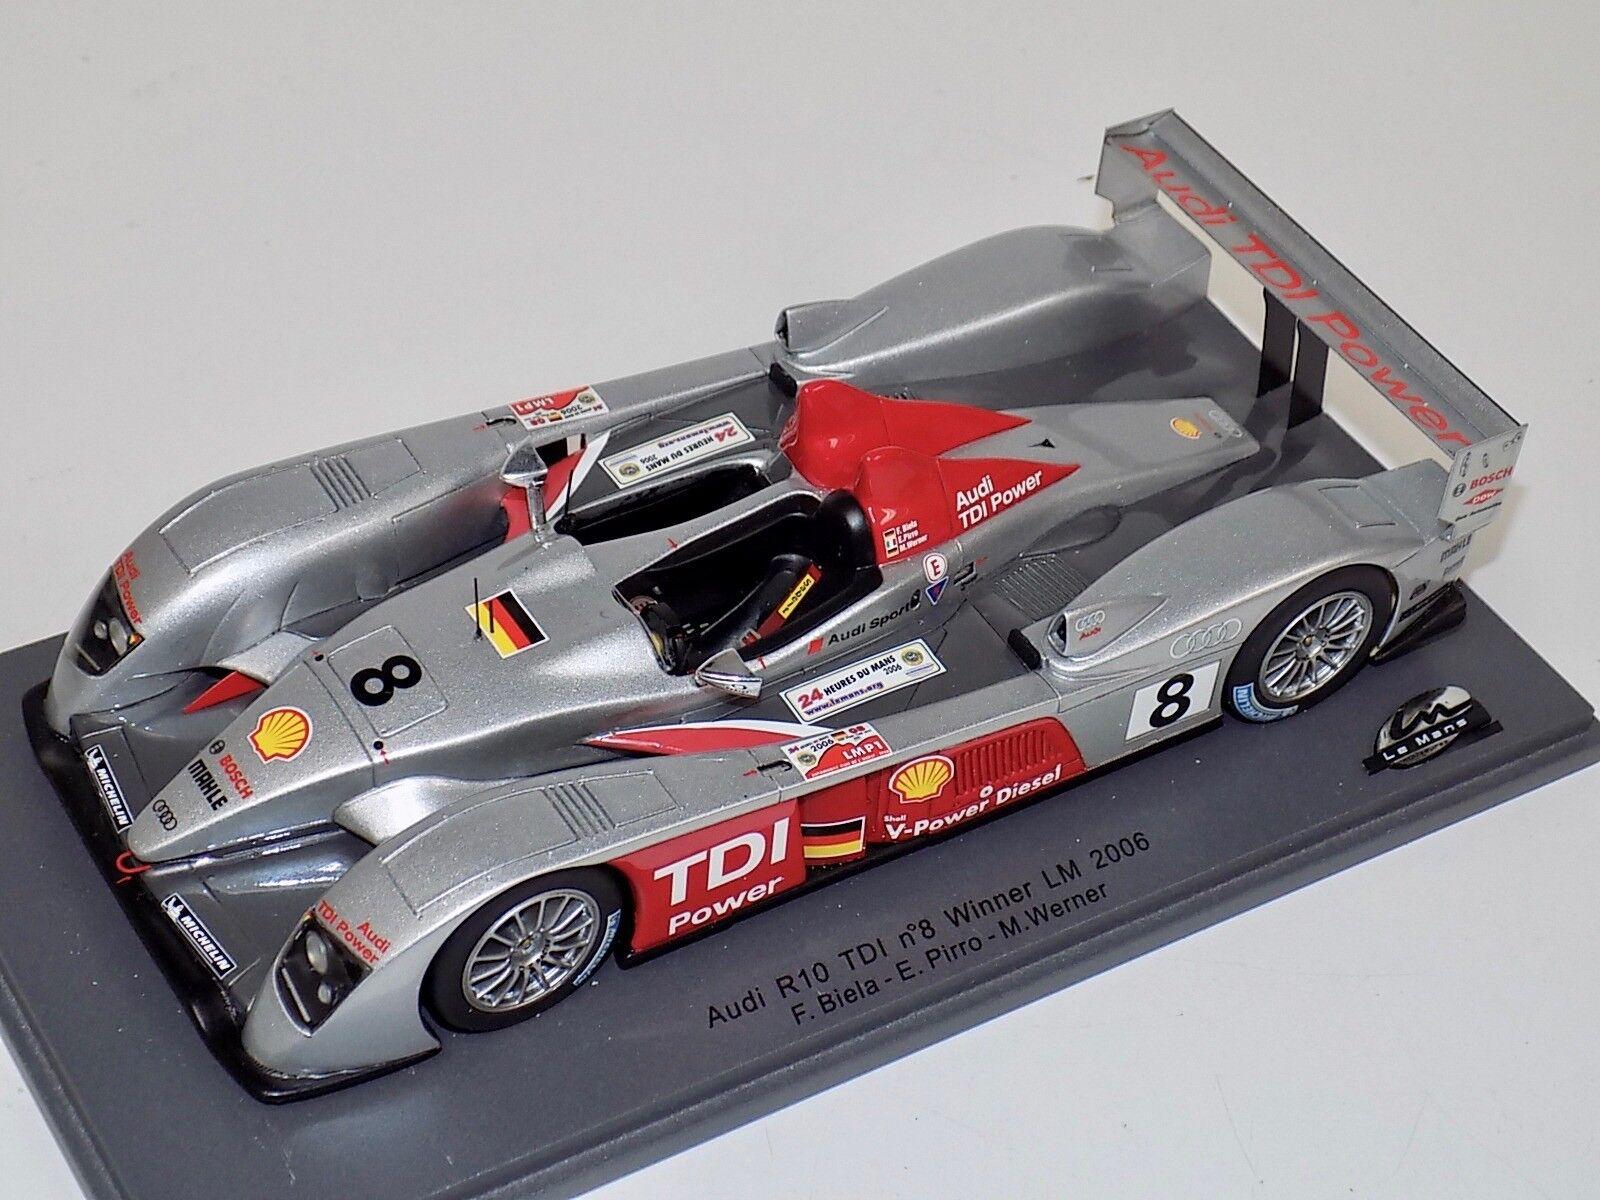 consegna veloce e spedizione gratuita per tutti gli ordini 1 24 Le uomos Miniatures Audo R10 TDI TDI TDI  8 Le uomos 2006 Winner  incredibili sconti